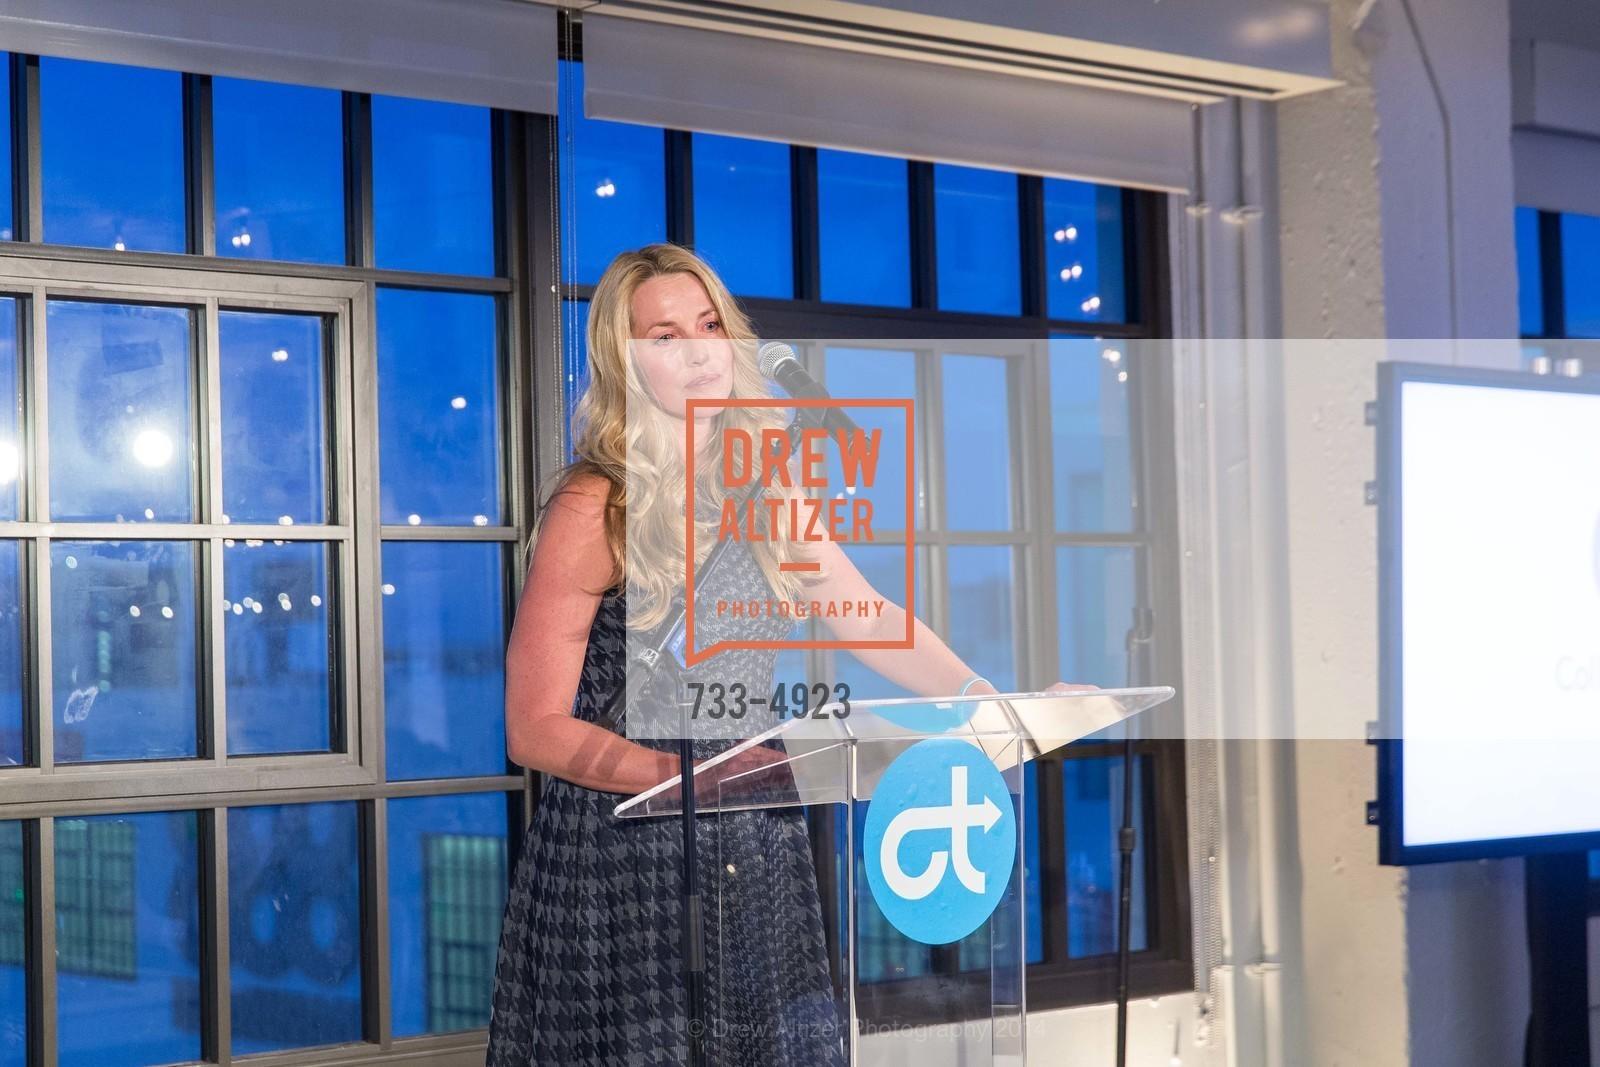 Lauren Powell Jobs, Photo #733-4923